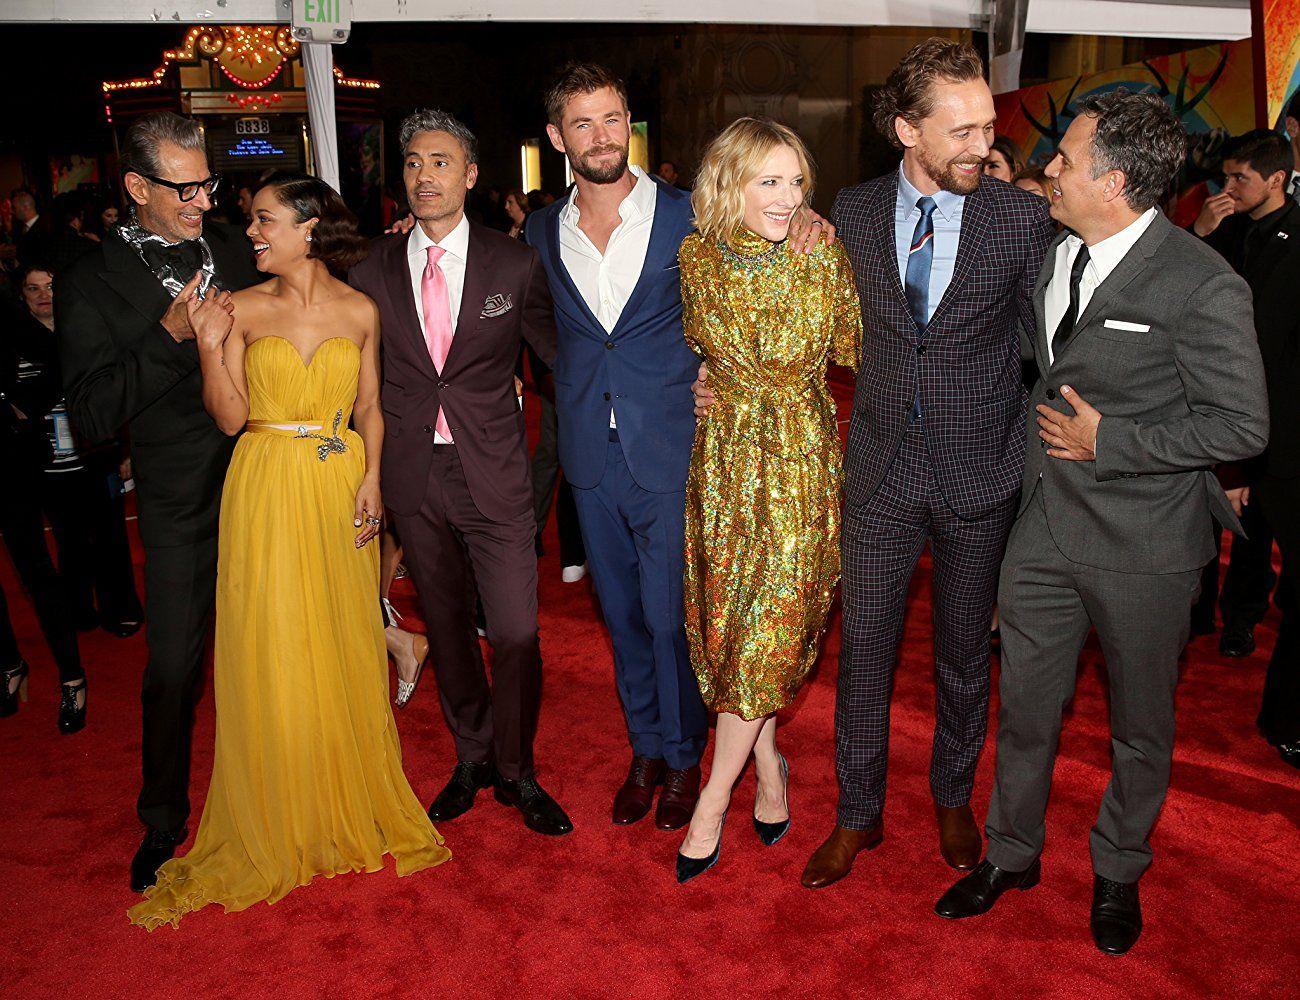 Jeff Goldblum Cate Blanchett Taika Waititi Mark Ruffalo Tom